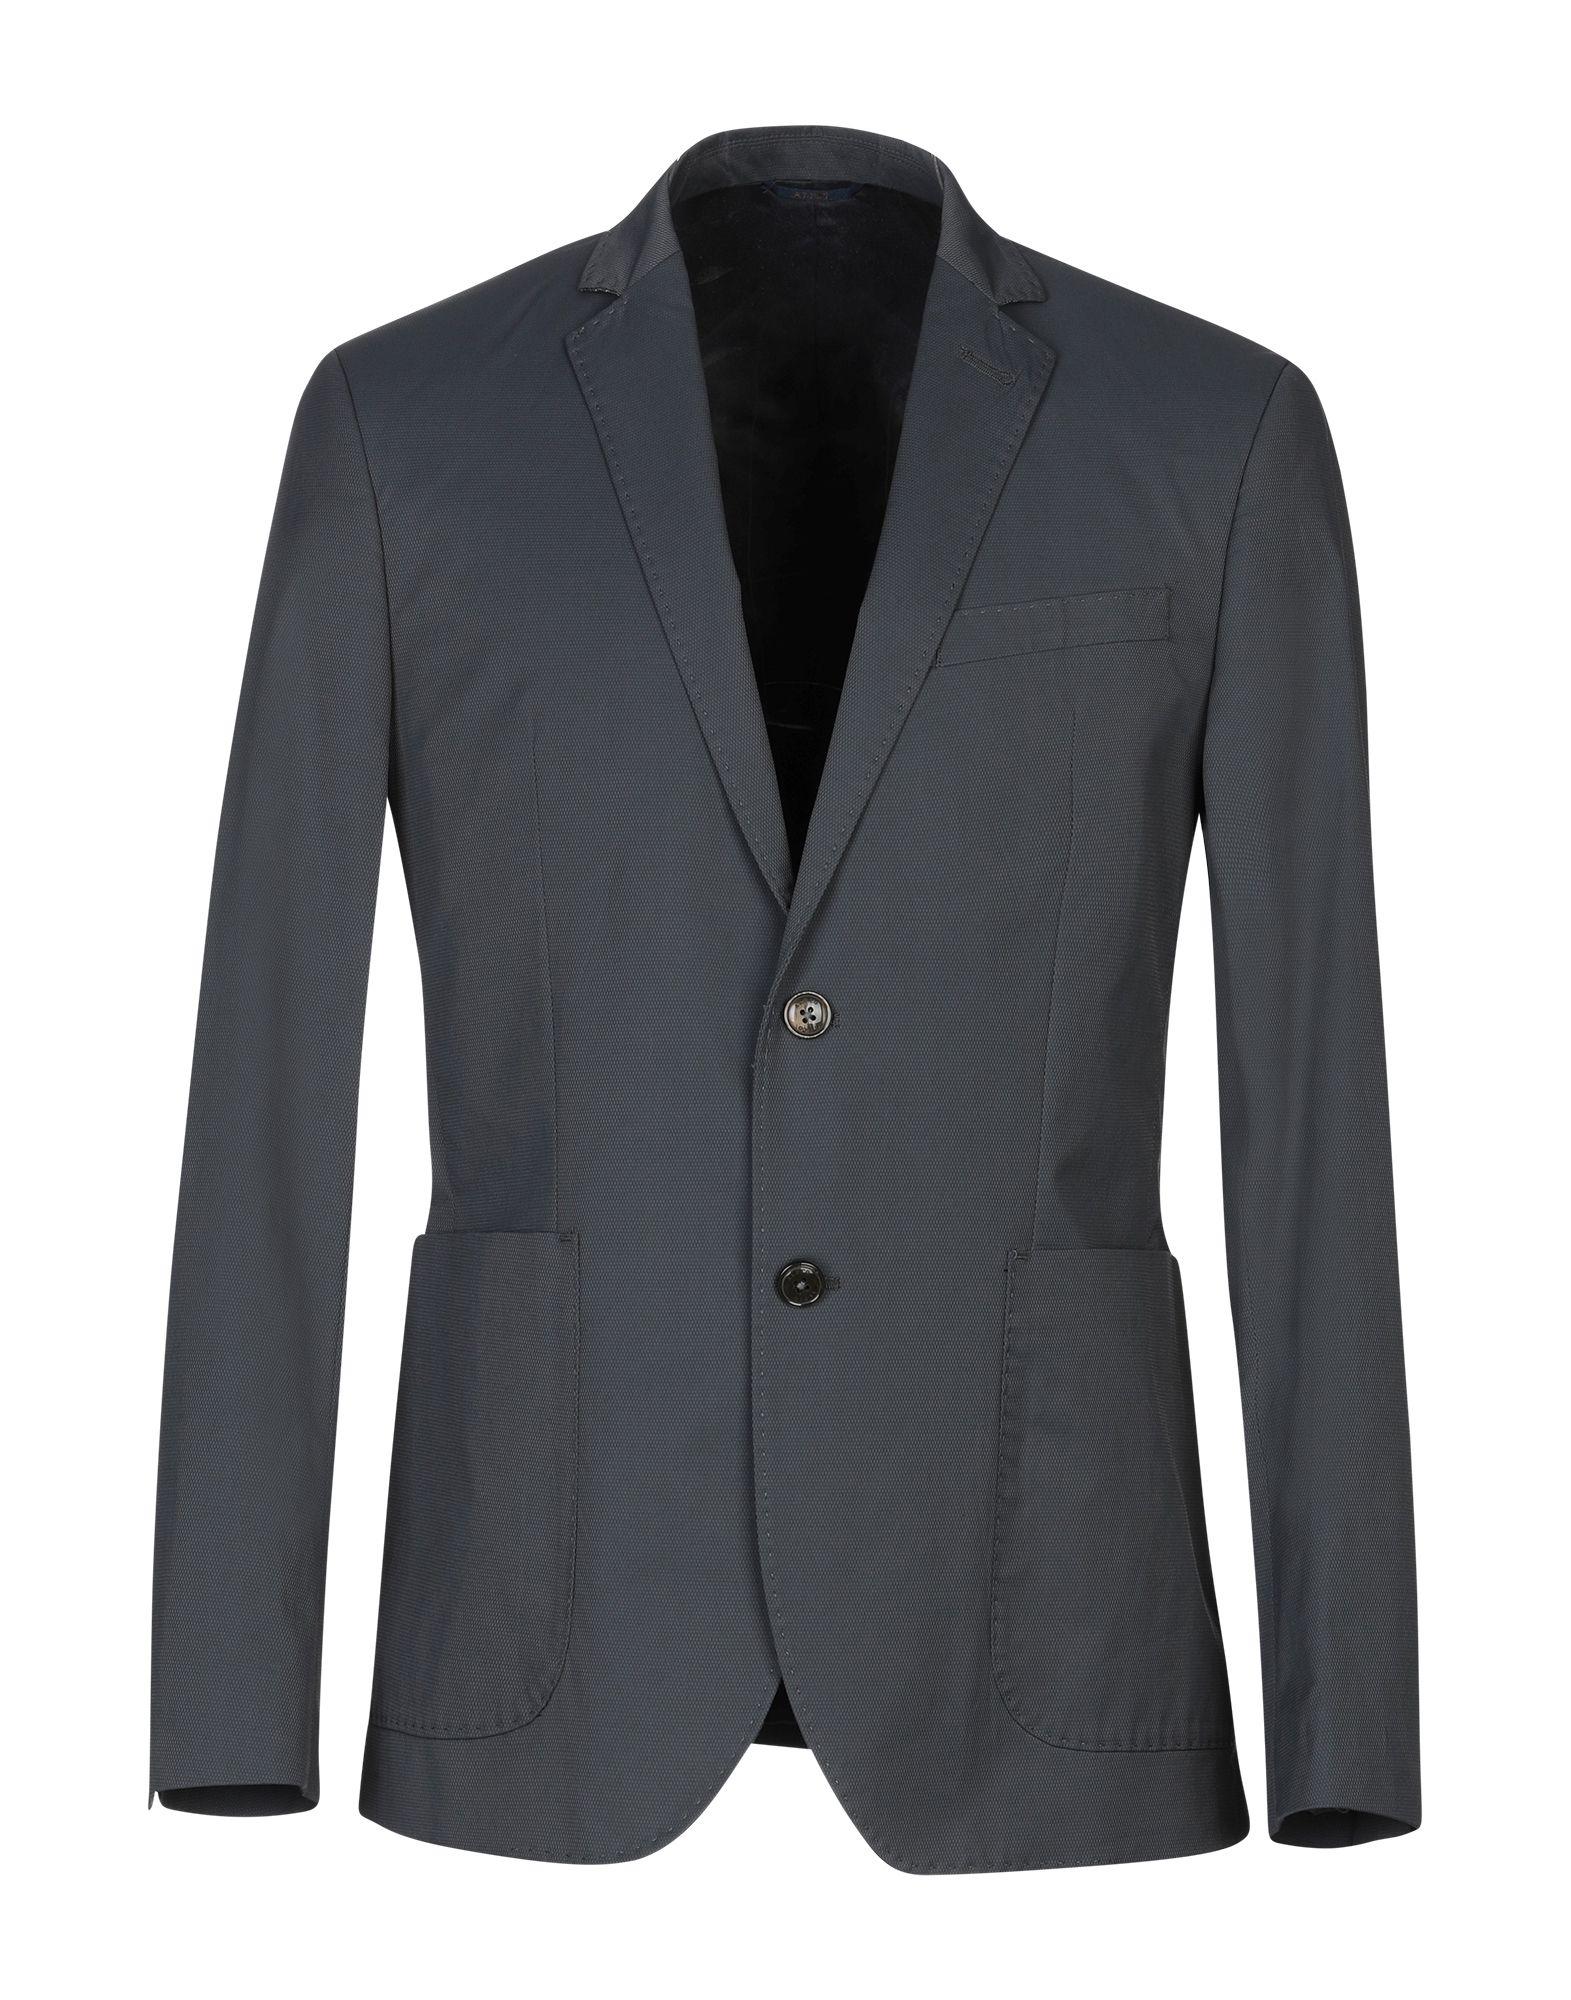 купить летний пиджак мужской в москве